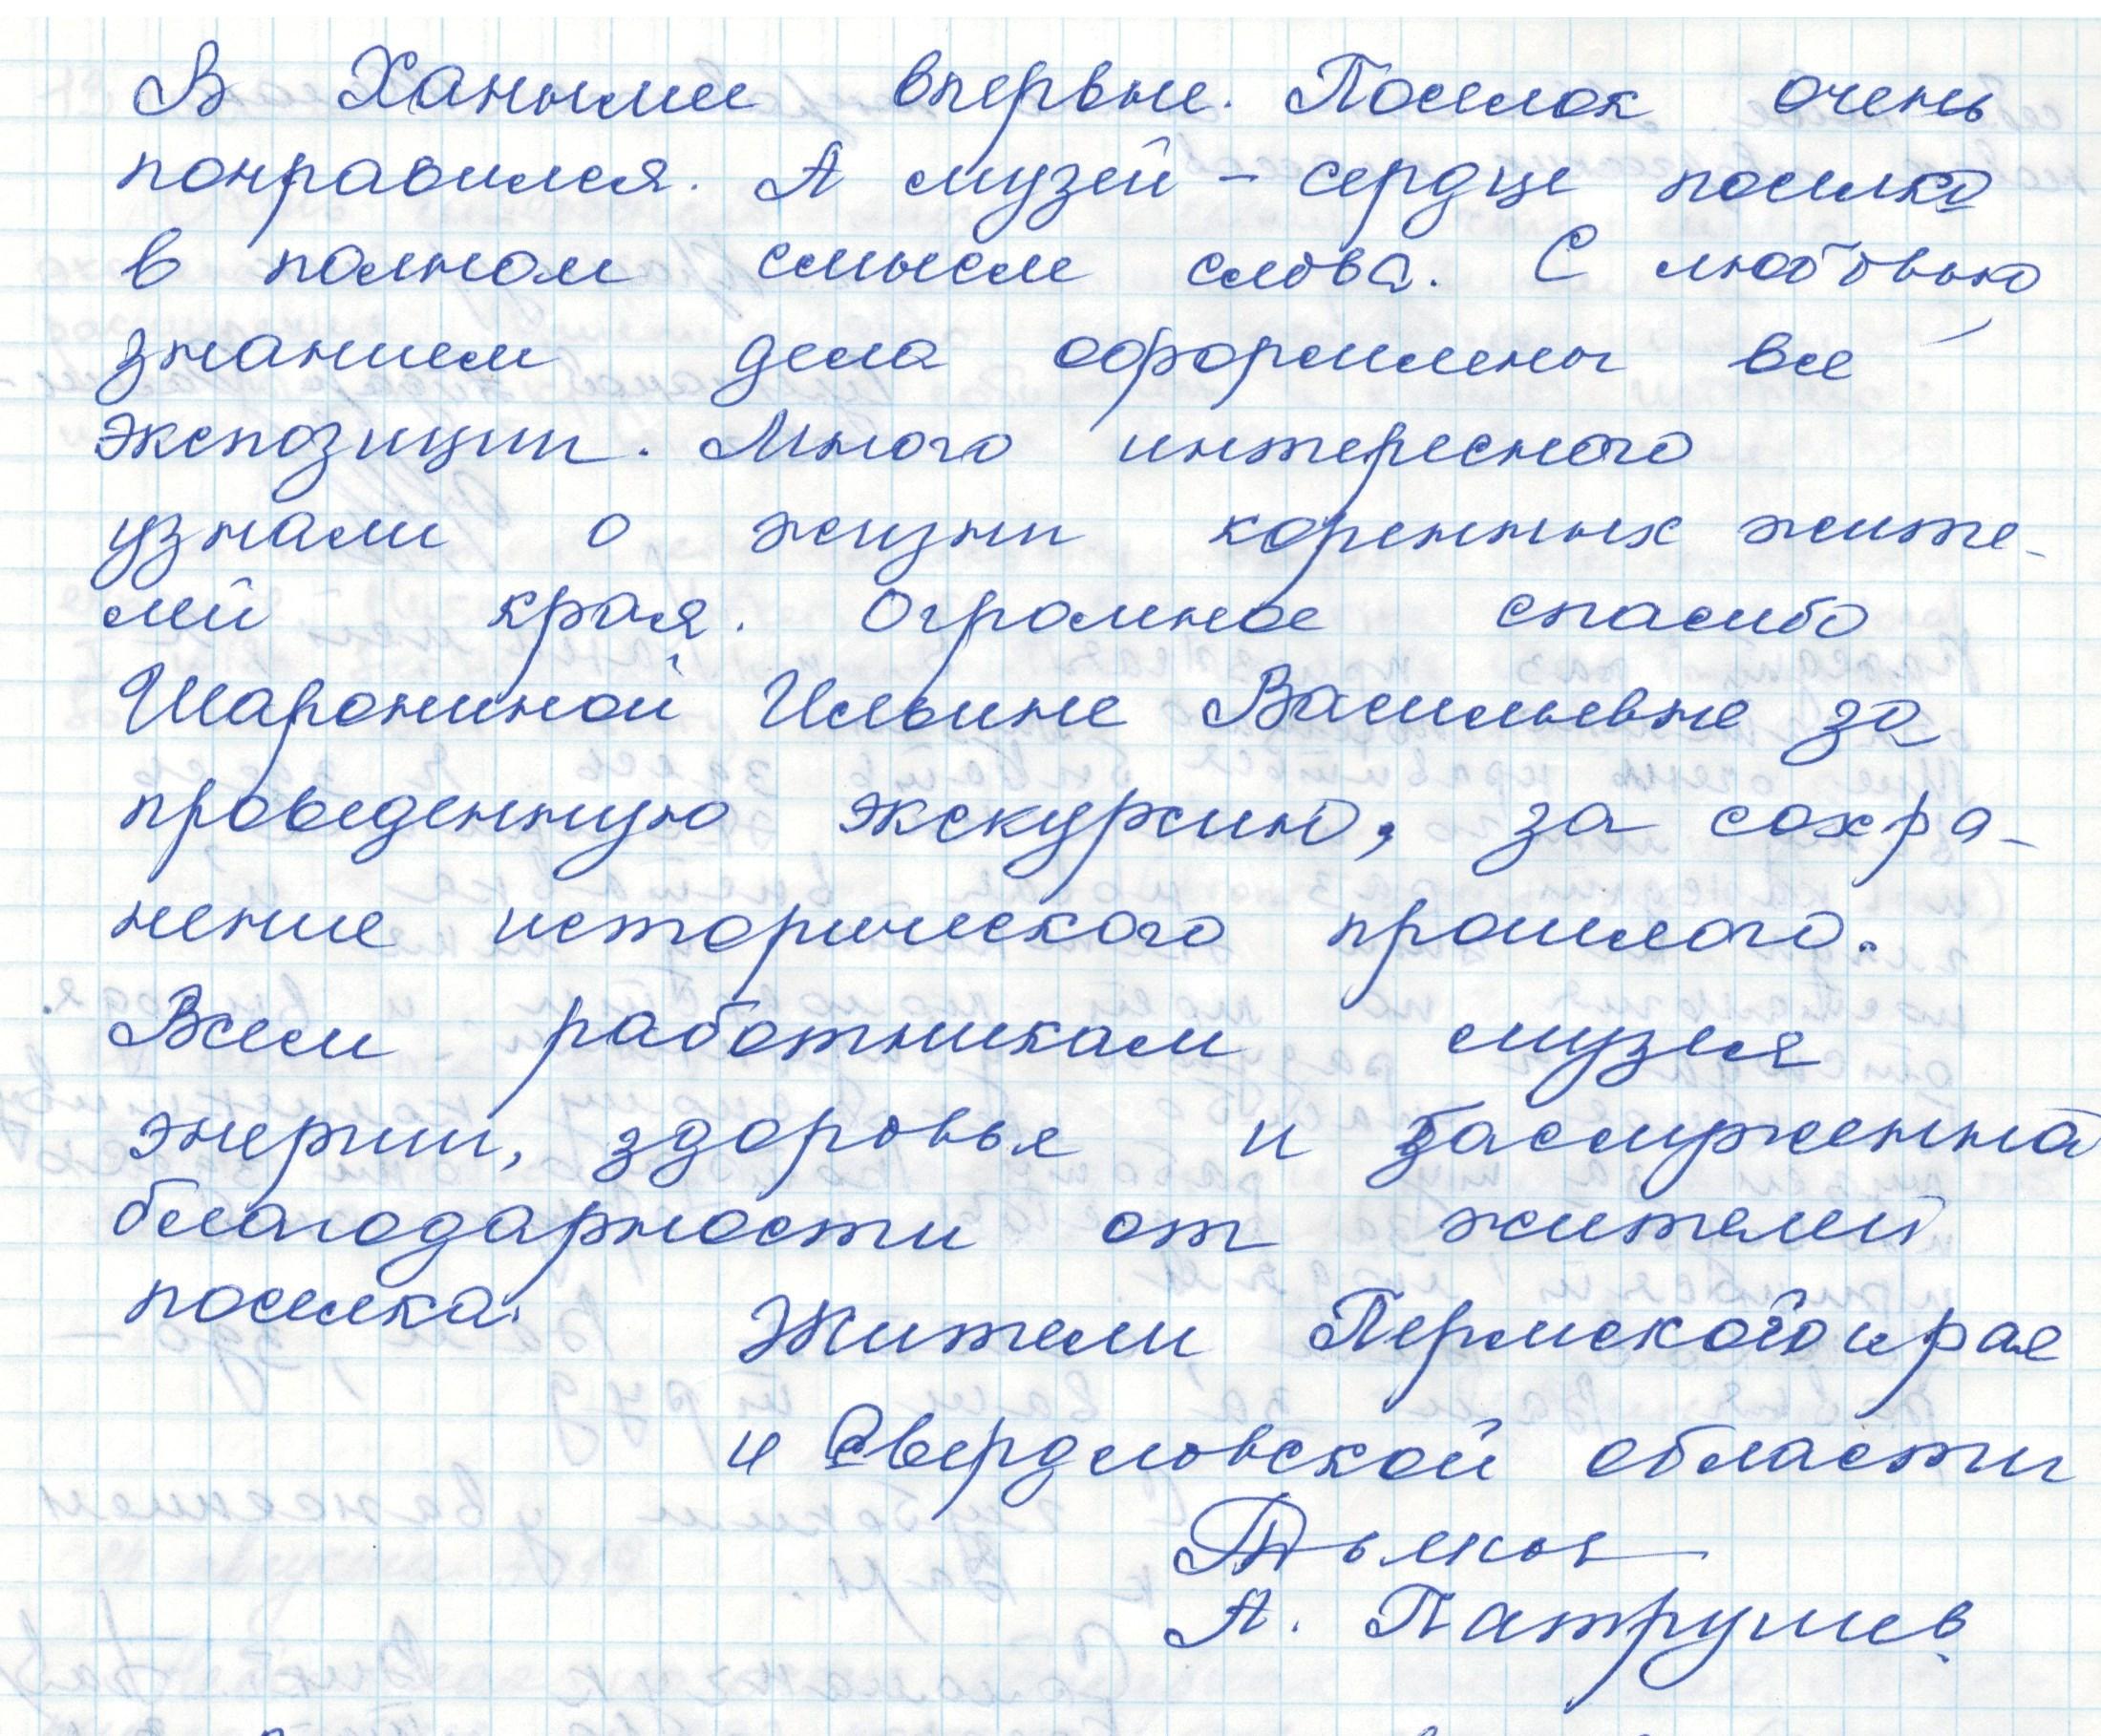 Жители Пермского края и Свердловской области. А. Патрушев